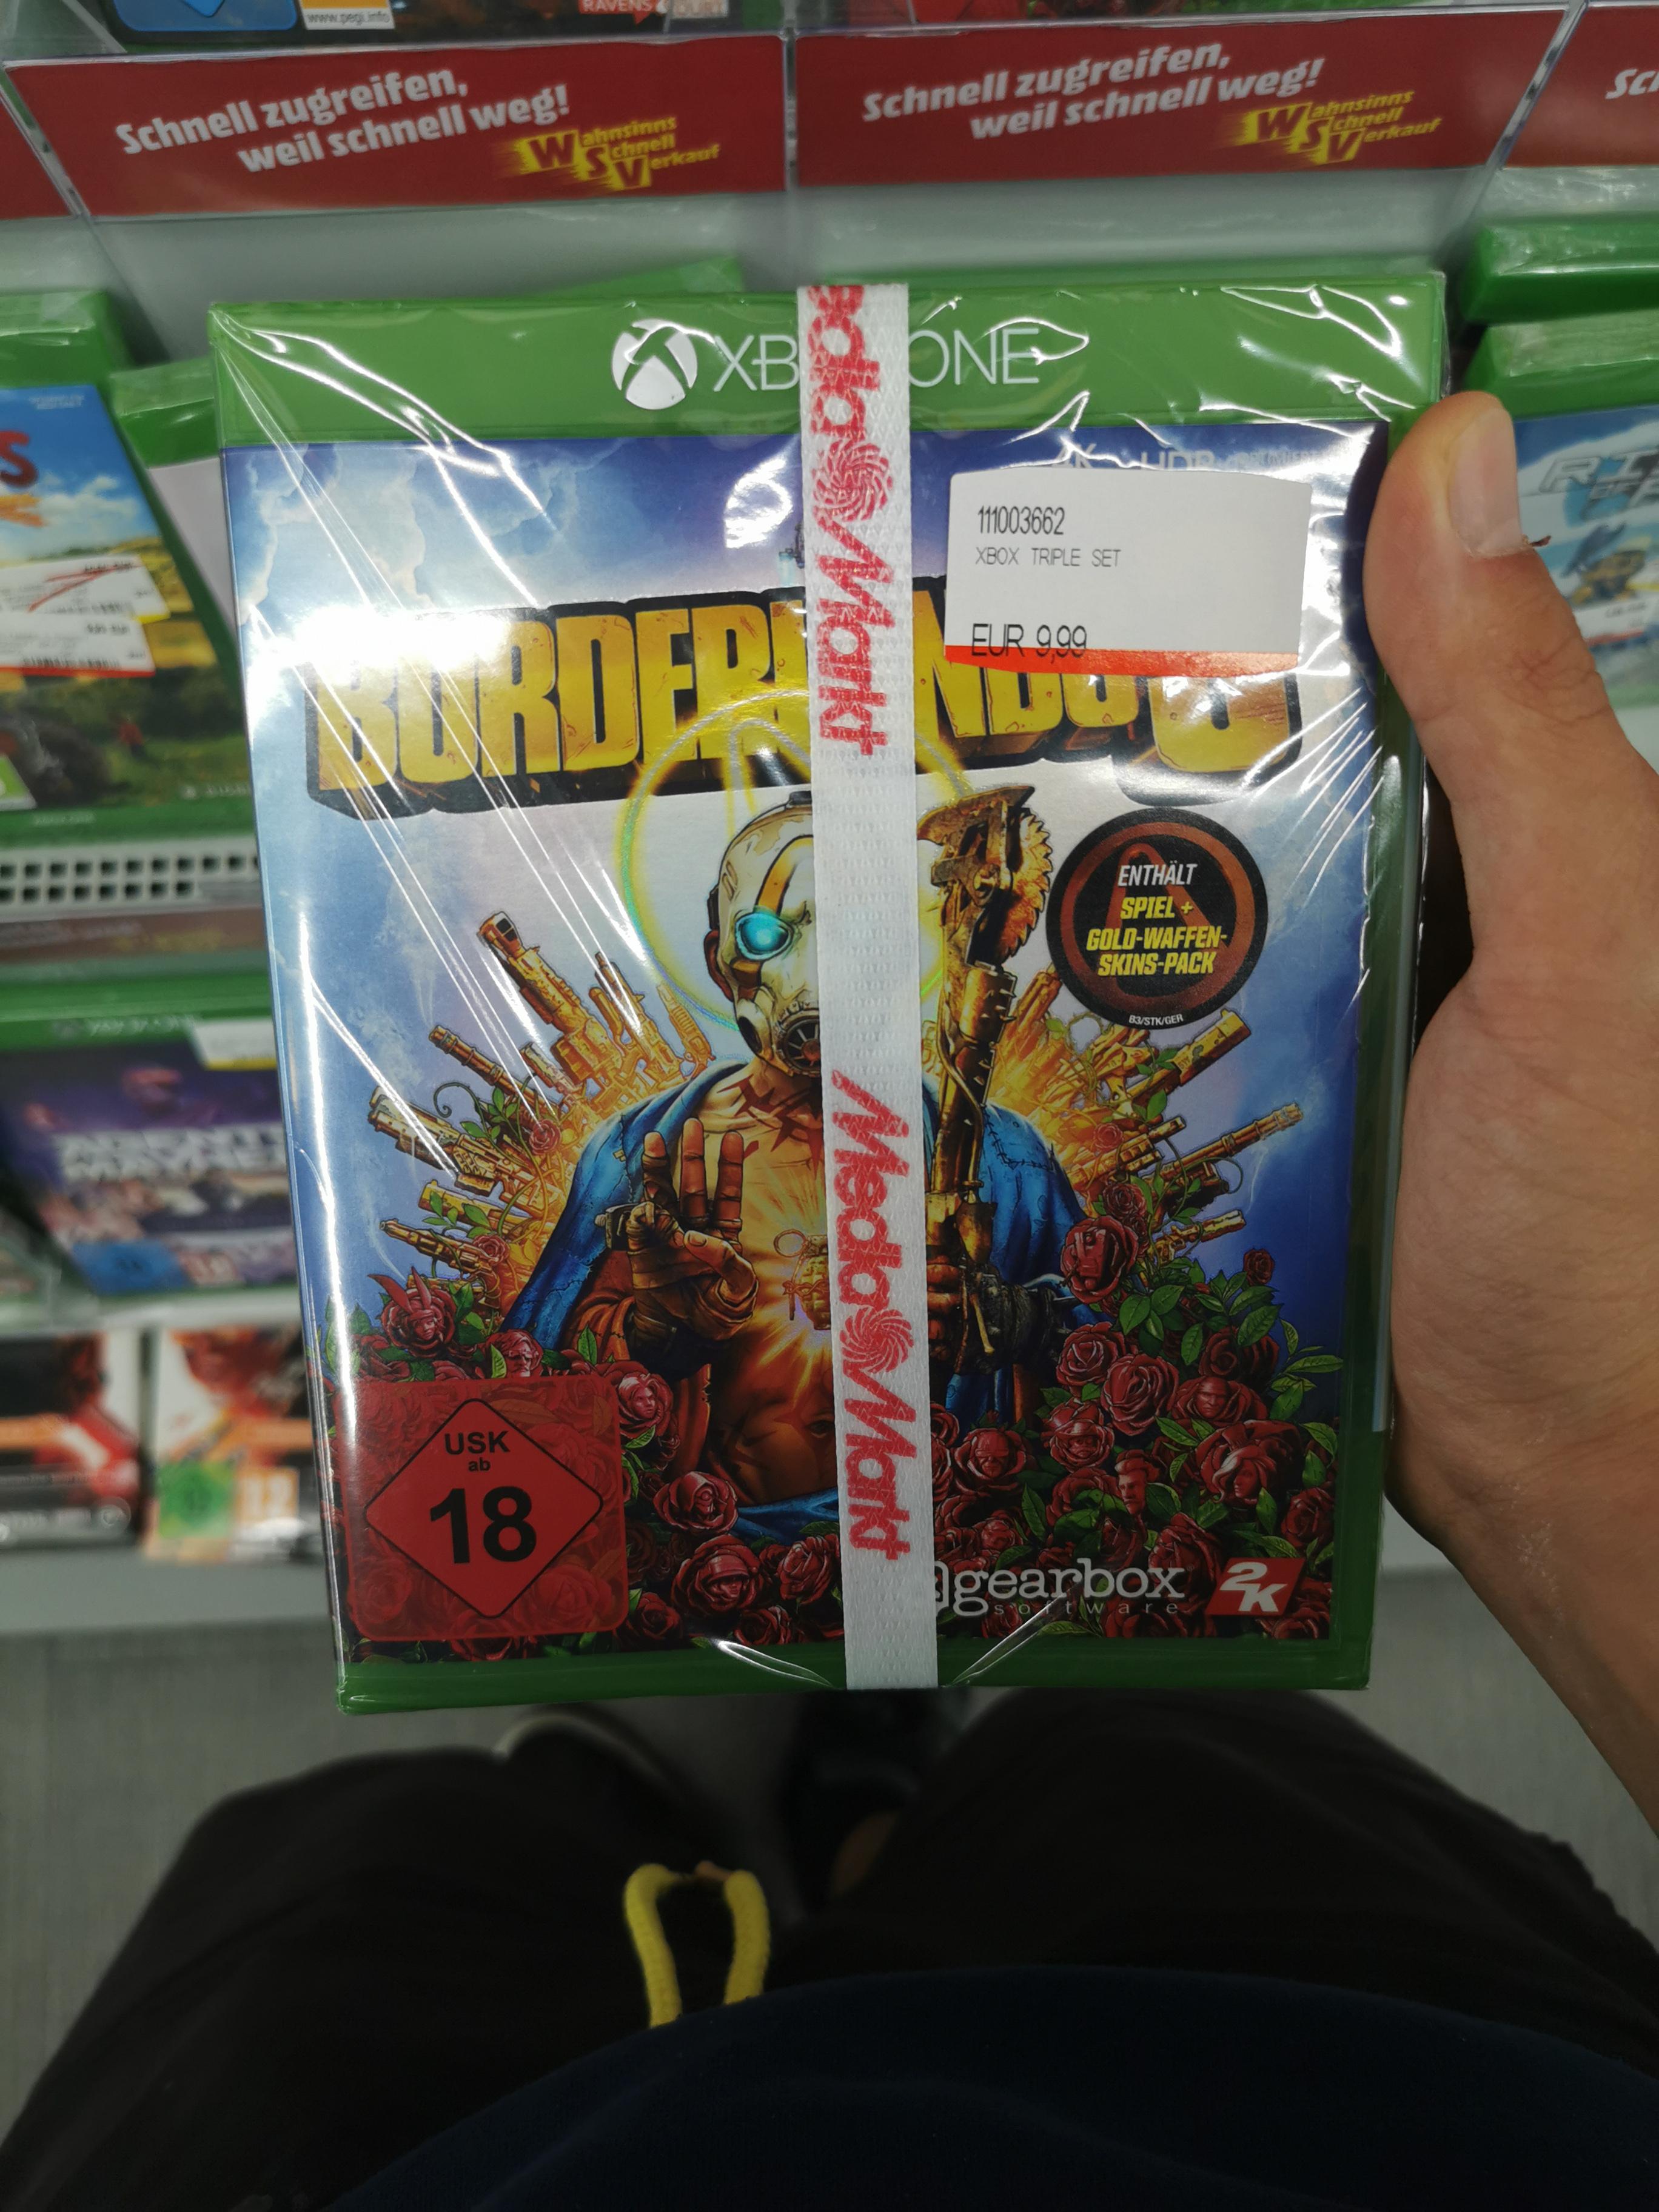 Xbox Spiele Bundle Borderlands 3 Playerunknown's Battlegrounds und Crackdown 3 zusammen für 9.99 | Lokal MediaMarkt Magdeburg Bördepark